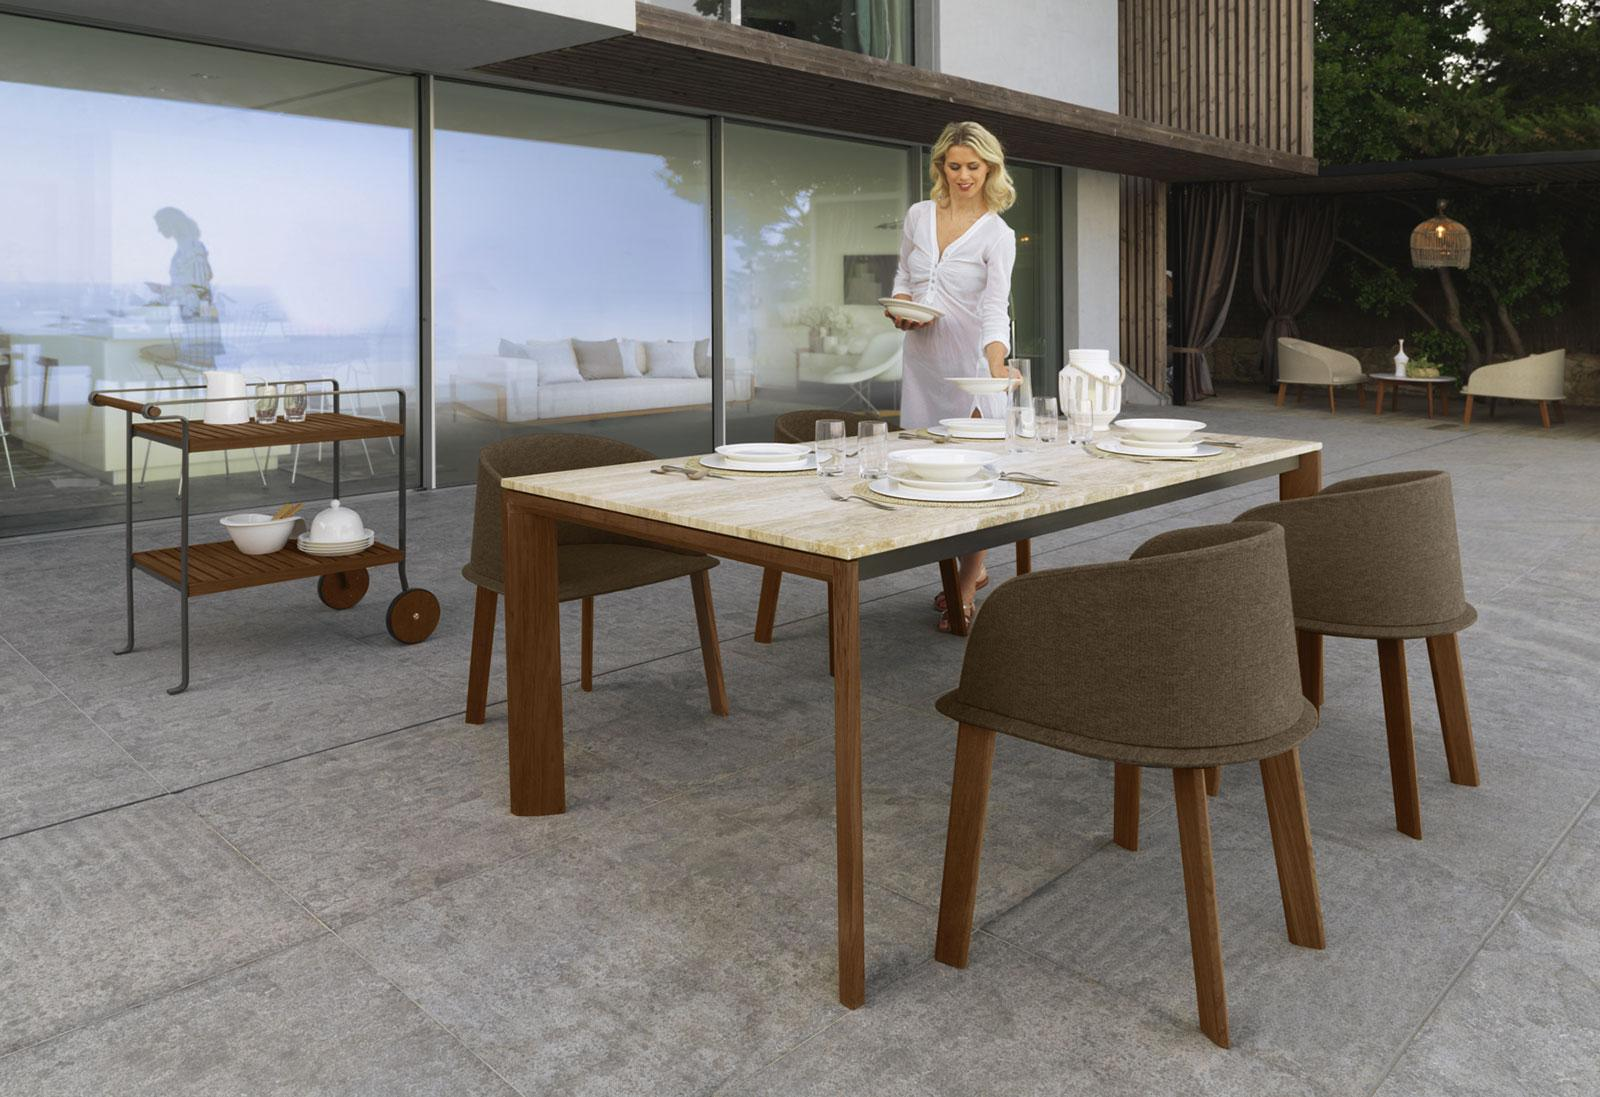 Chaise et fauteuil de jardin vente en ligne italy for Vente en ligne jardin